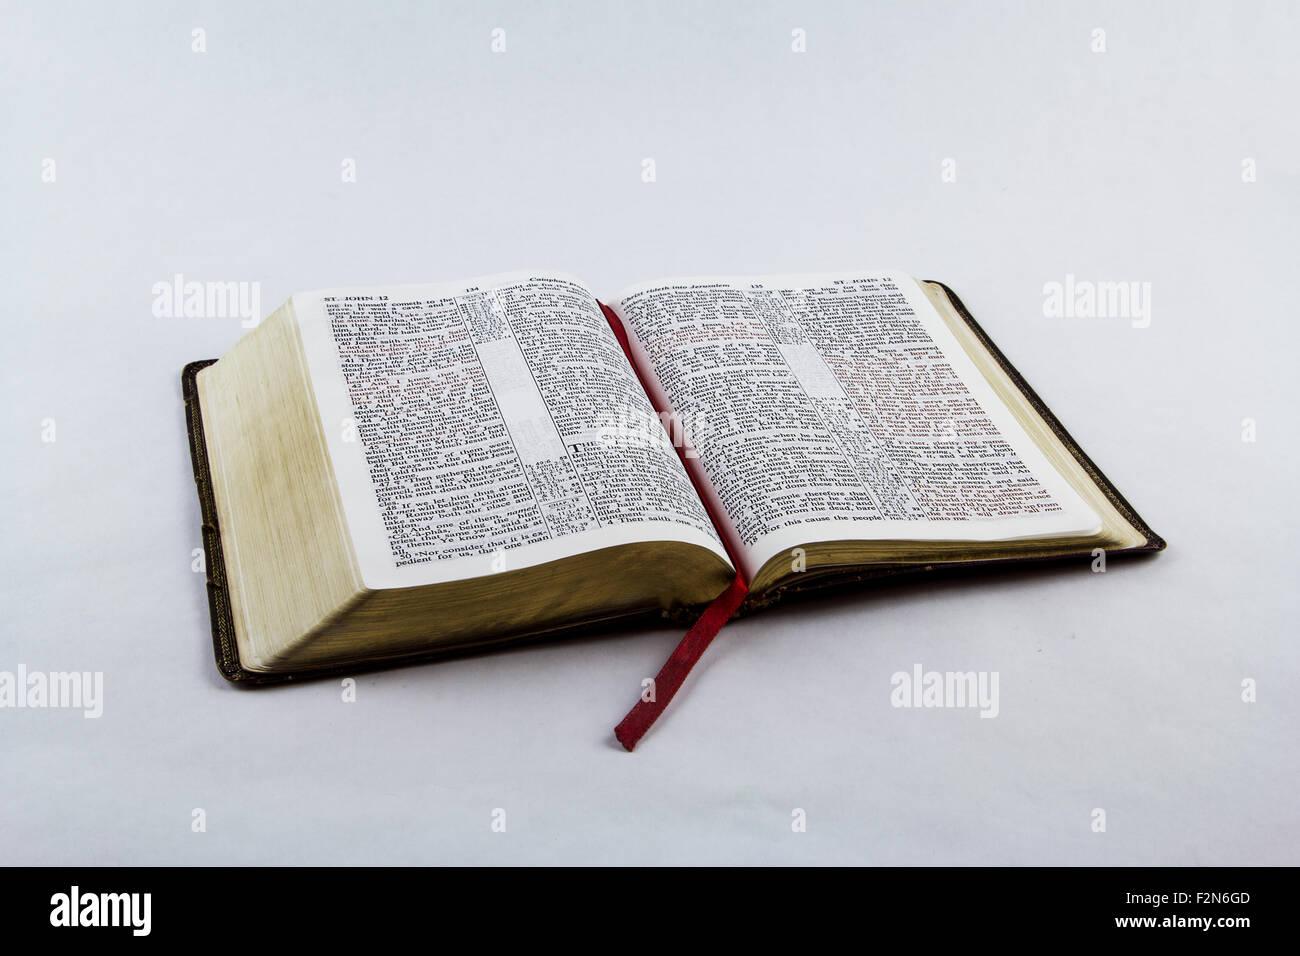 King James Bible Stock Photos & King James Bible Stock